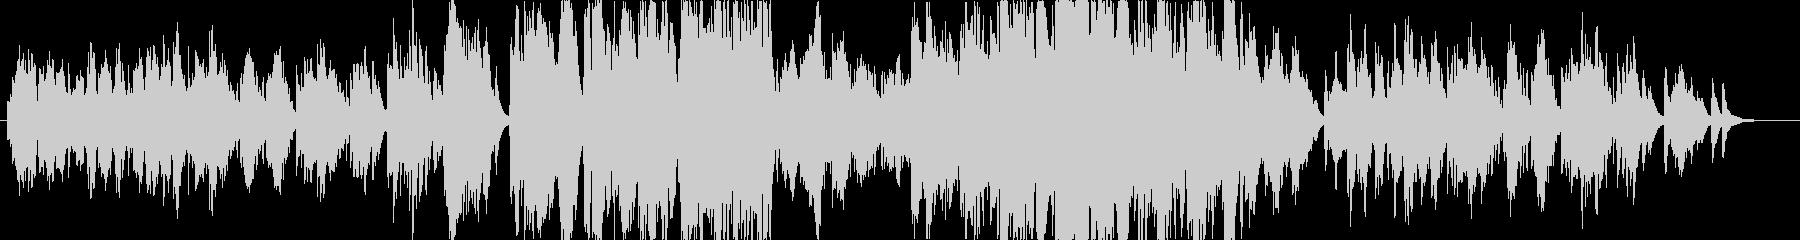 淋しげで切ないピアノソロの未再生の波形